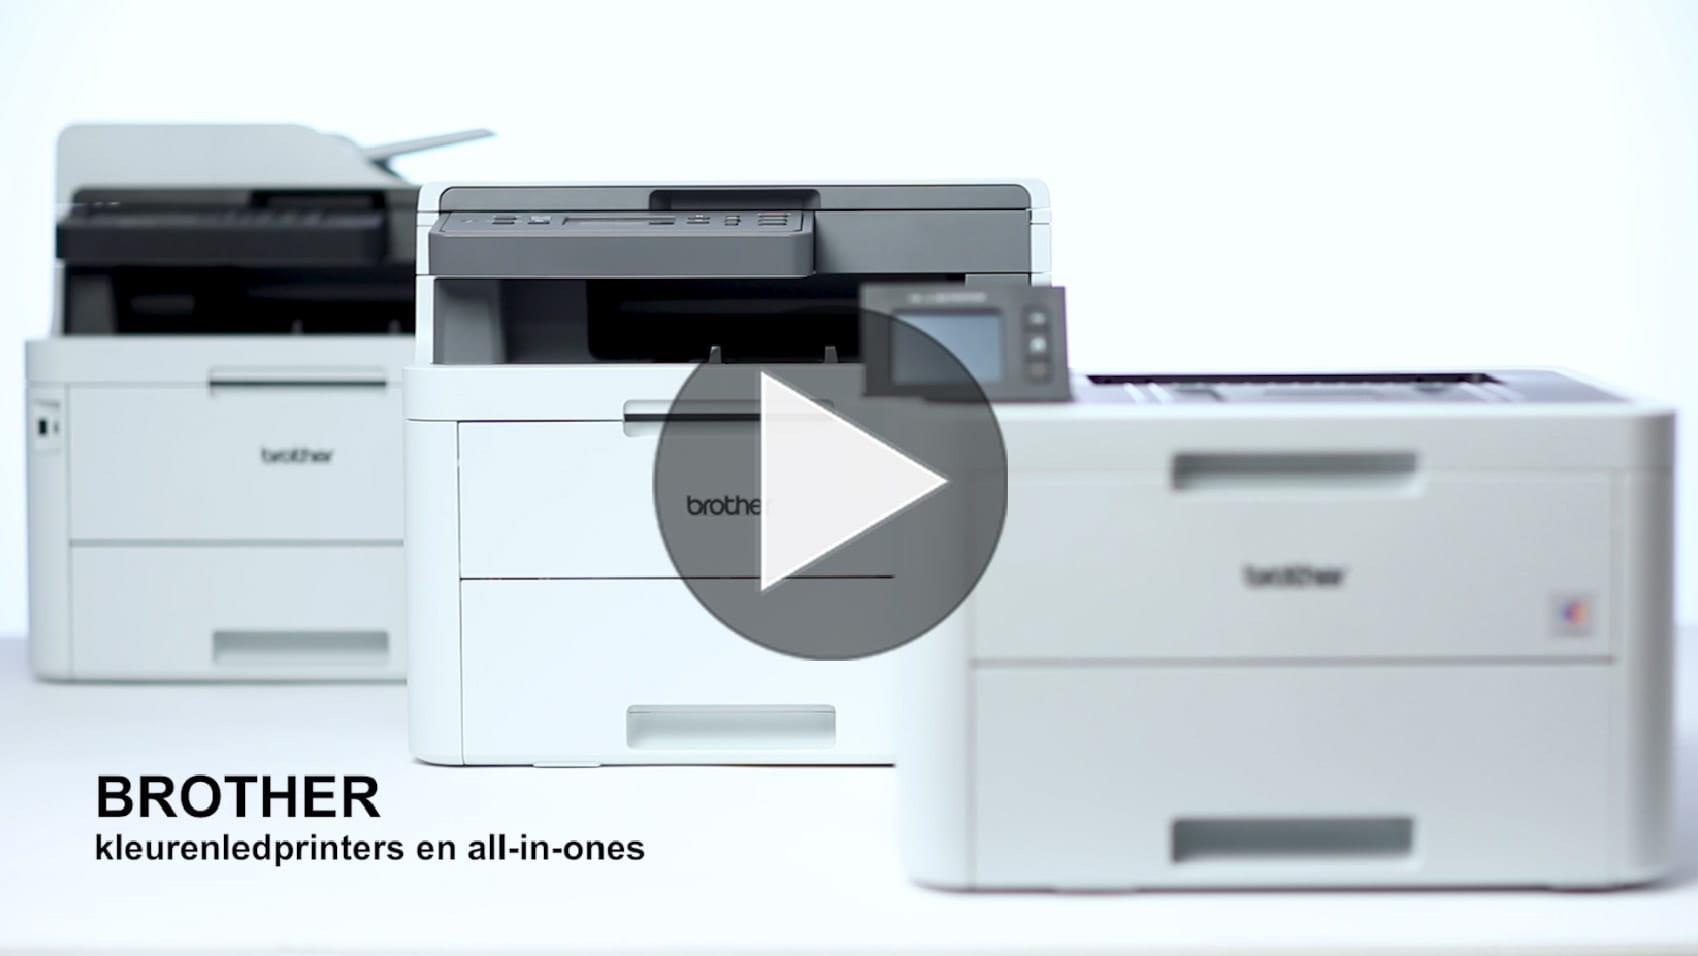 MFC-L3730CDN All-in-one kleurenledprinter 7